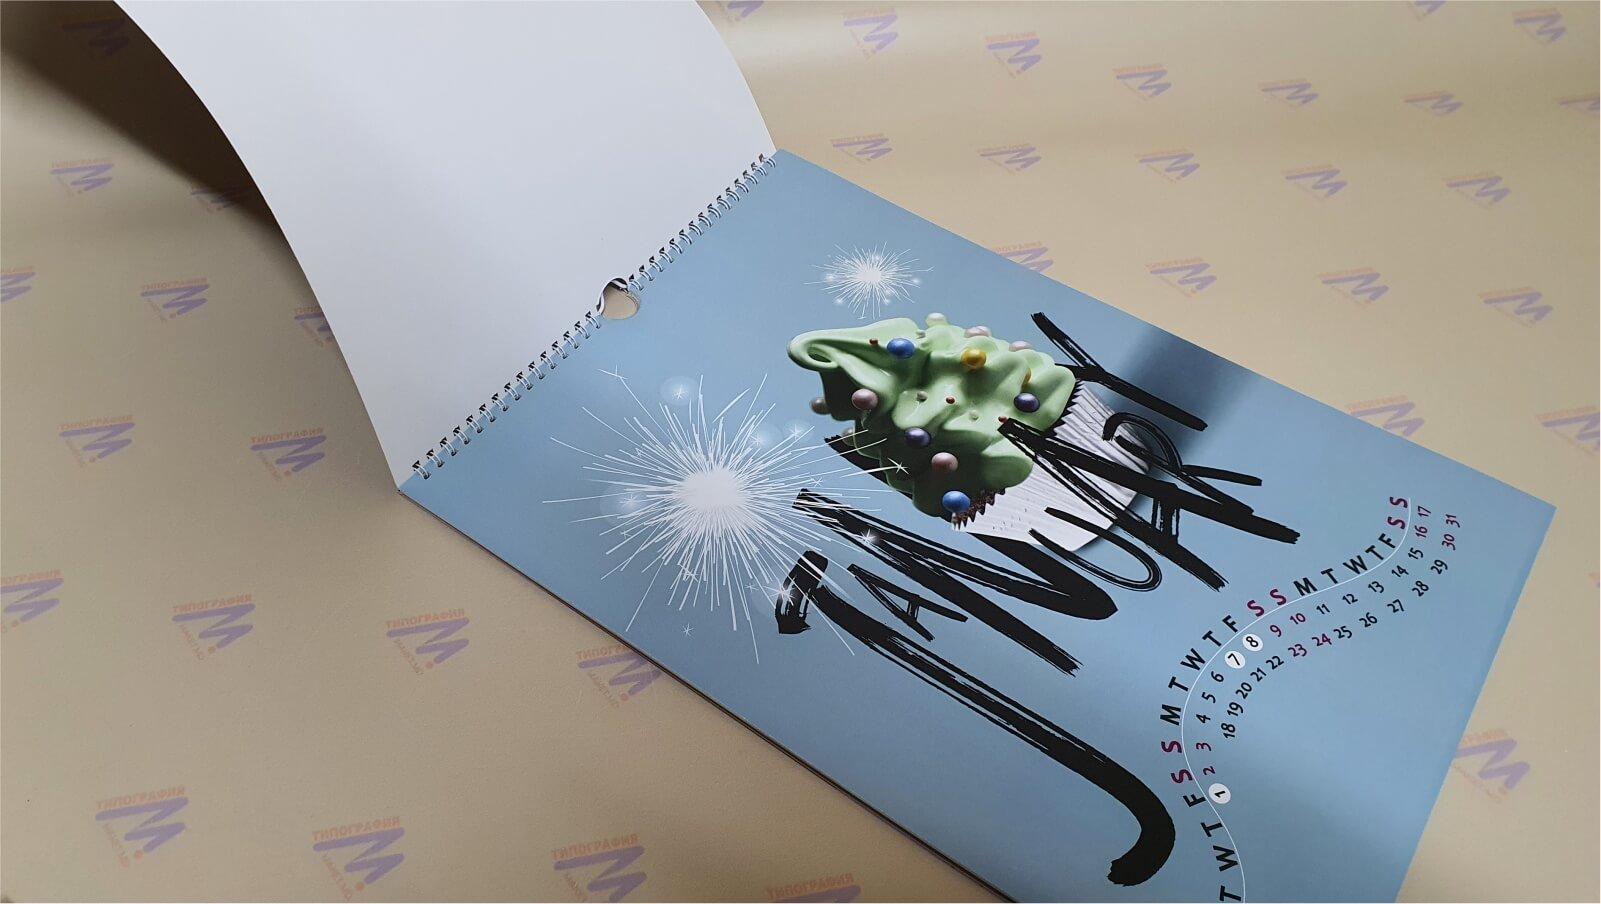 Настеннный перекидной календарь синий бежевый фон